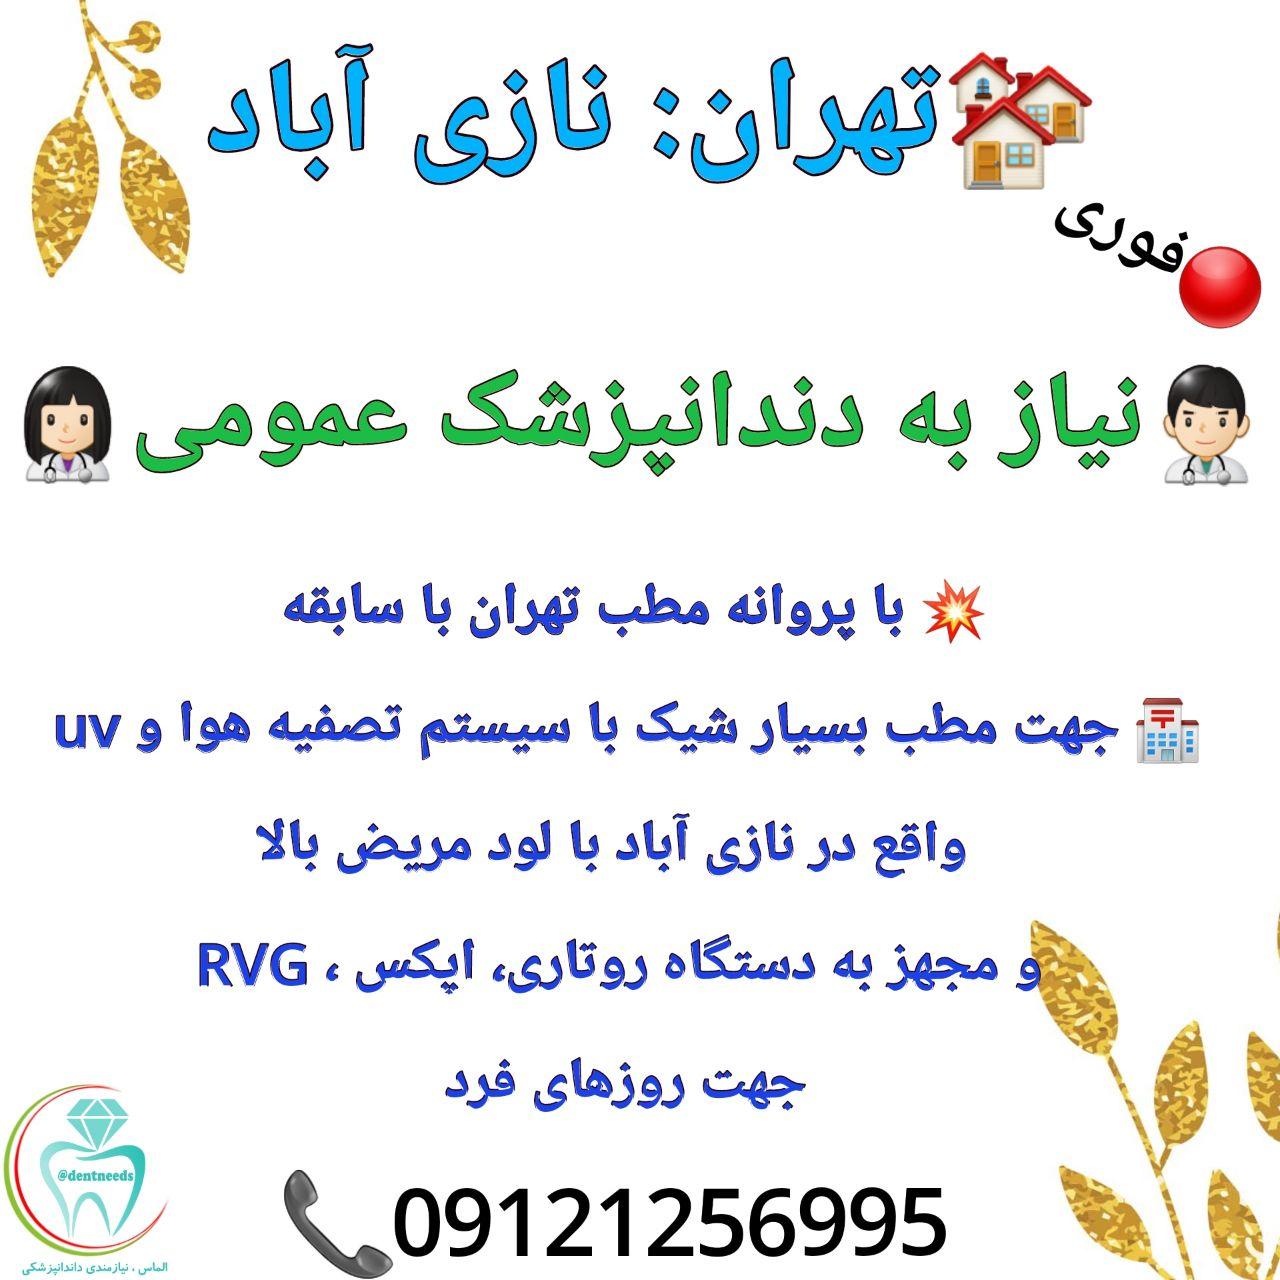 تهران: نازی آباد، نیاز به دندانپزشک عمومی